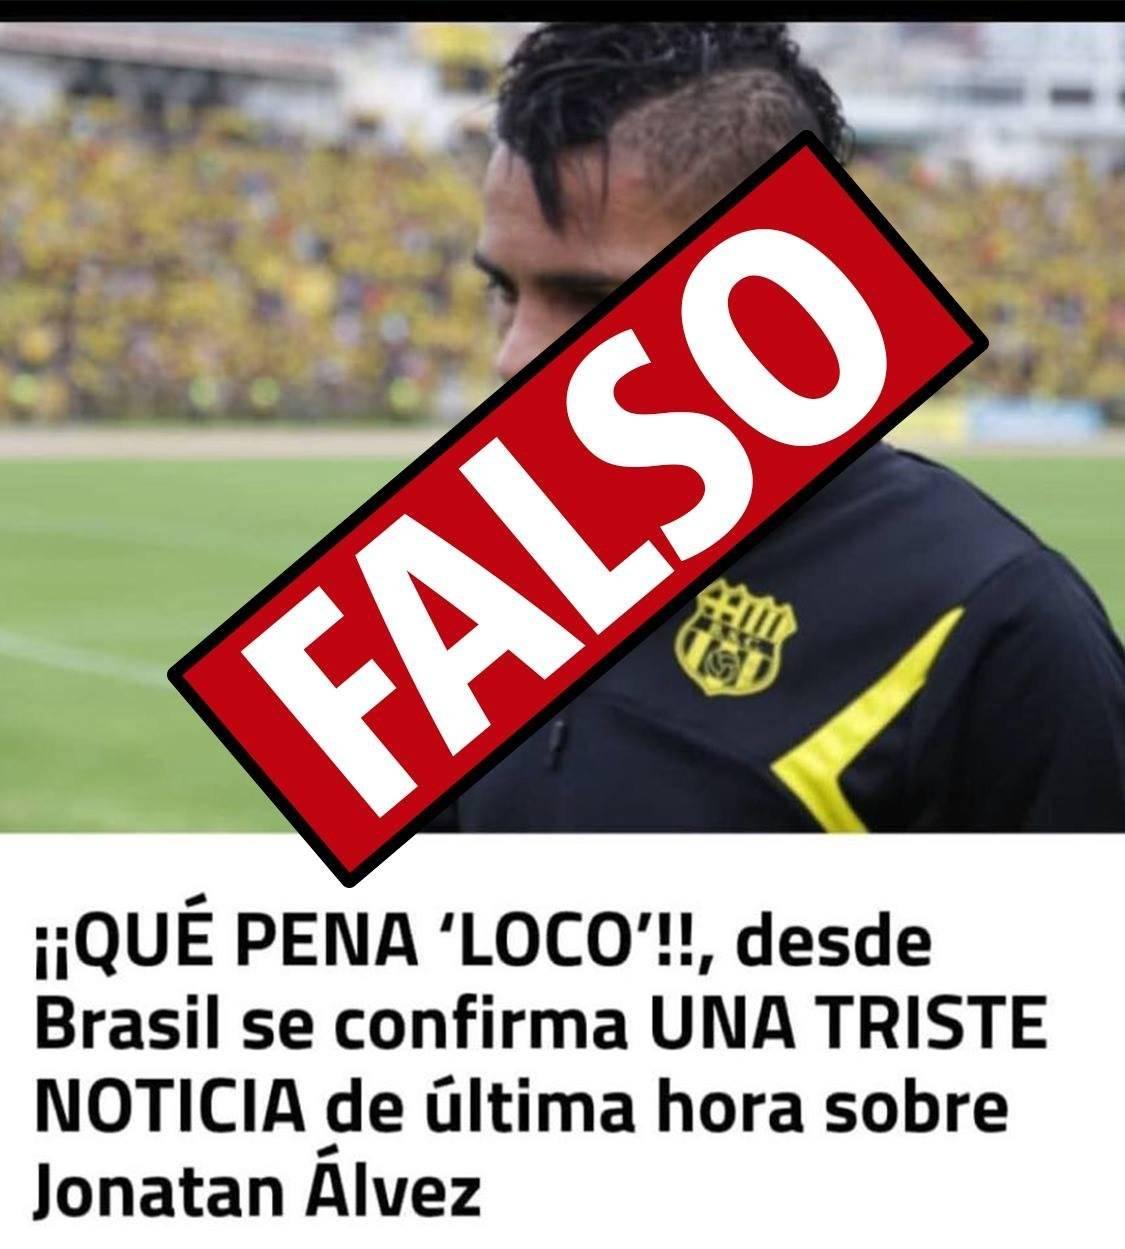 Fake news: Foto de futbolista asesinado con 4 disparos no corresponde a Jonathan Alvez Internet